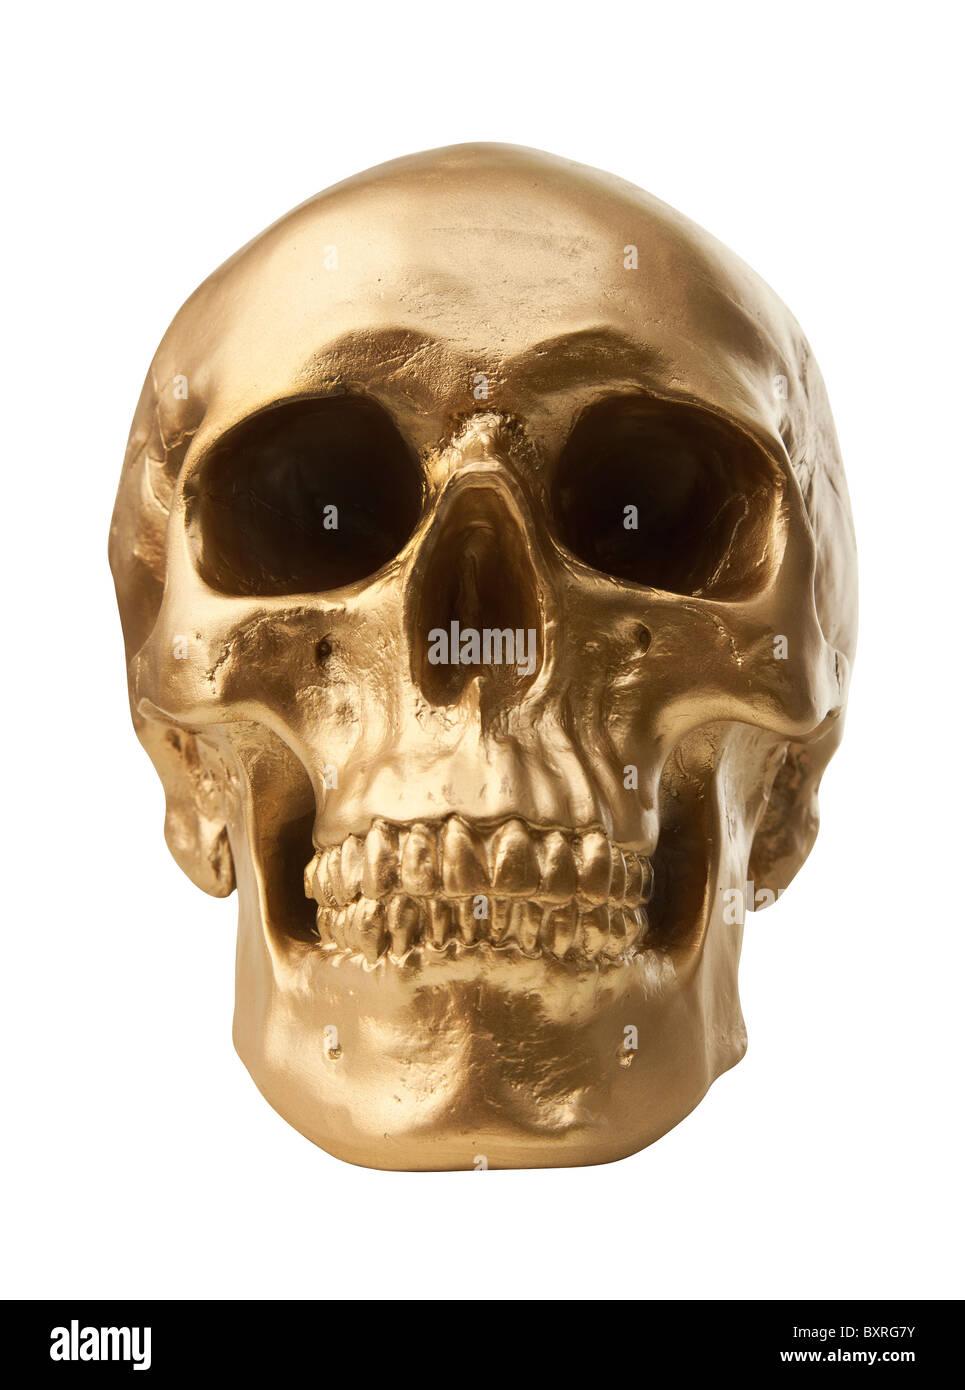 Golden teschio umano isolato su sfondo bianco Foto Stock